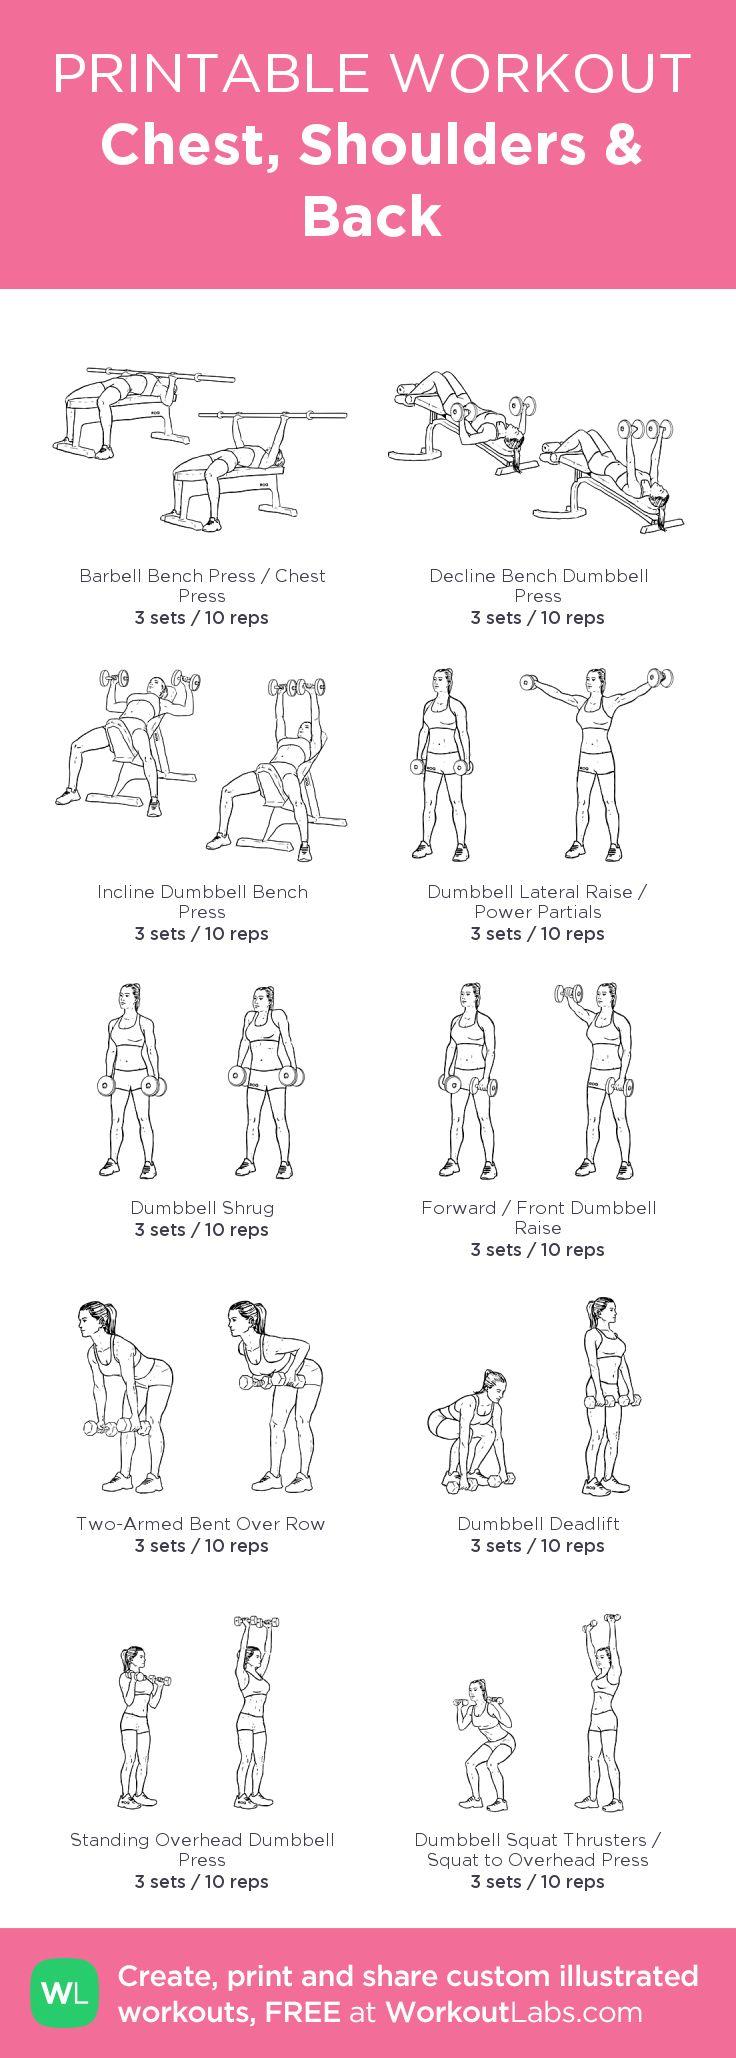 Chest, Shoulders & Back Back and shoulder workout